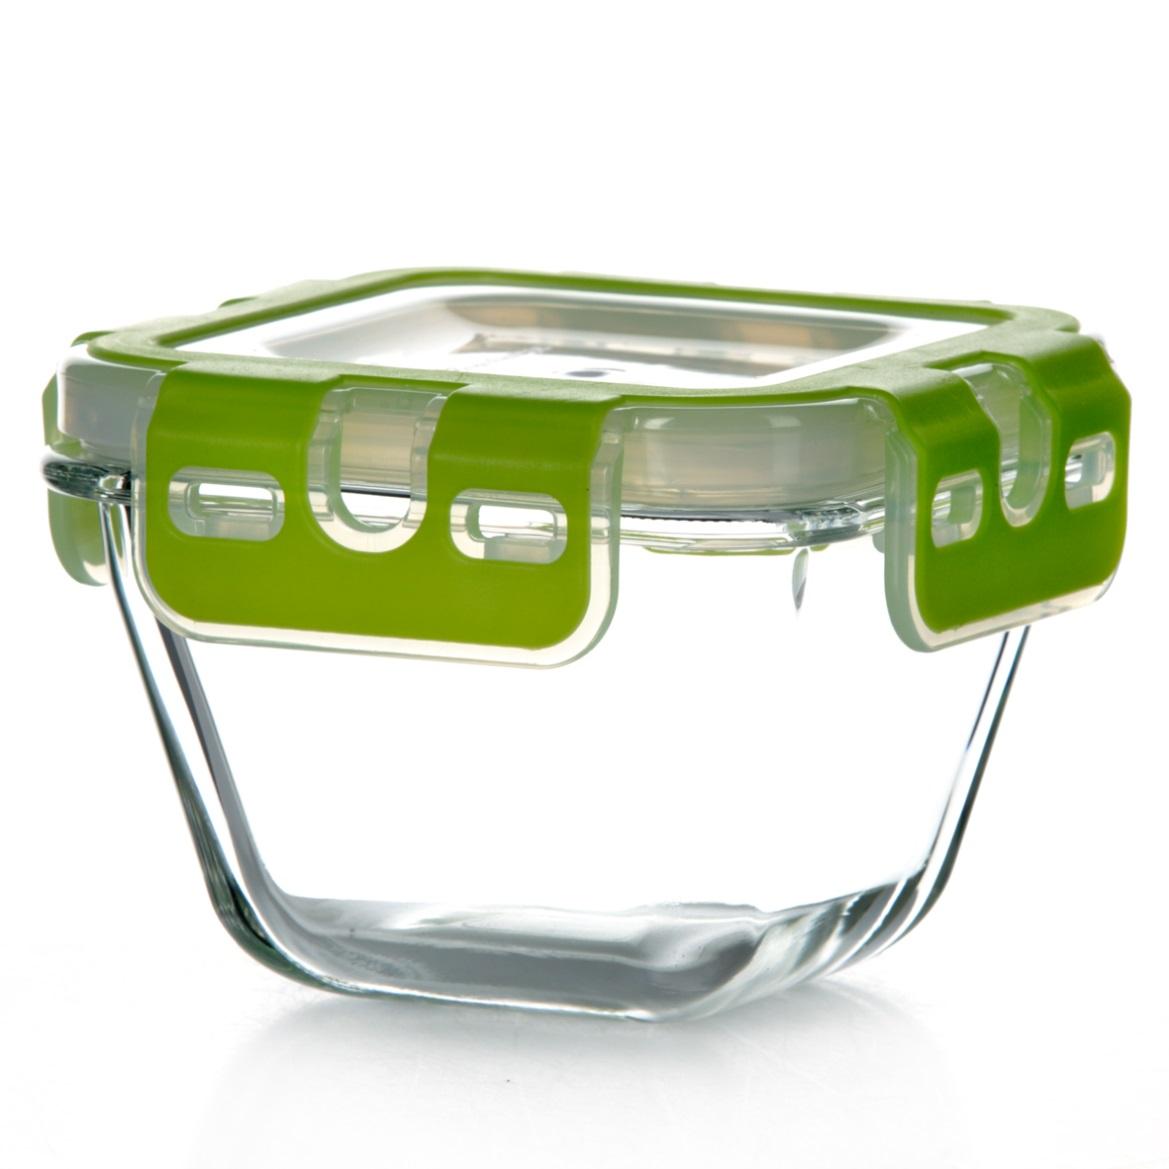 Контейнер для хранения продуктов Pasabahce Storemax, цвет: зеленый, 290 млVT-1520(SR)Контейнер Pasabahce Storemax, выполненный из высококачественного закаленного стекла, предназначен для хранения продуктов. Благодаря высокому качеству материала и герметичной пластиковой крышке с защелками продукты в контейнере дольше сохранят свежесть, сочность и аромат. Крышка имеет силиконовую вставку, предотвращающую выскальзывание контейнера из рук при открывании. Можно мыть в посудомоечной машине и использовать в микроволновой печи. Подходит для хранения в холодильнике. Размер контейнера: 10,3 см х 10,3 см.Высота (без учета крышки): 6,5 см. Объем: 290 мл.